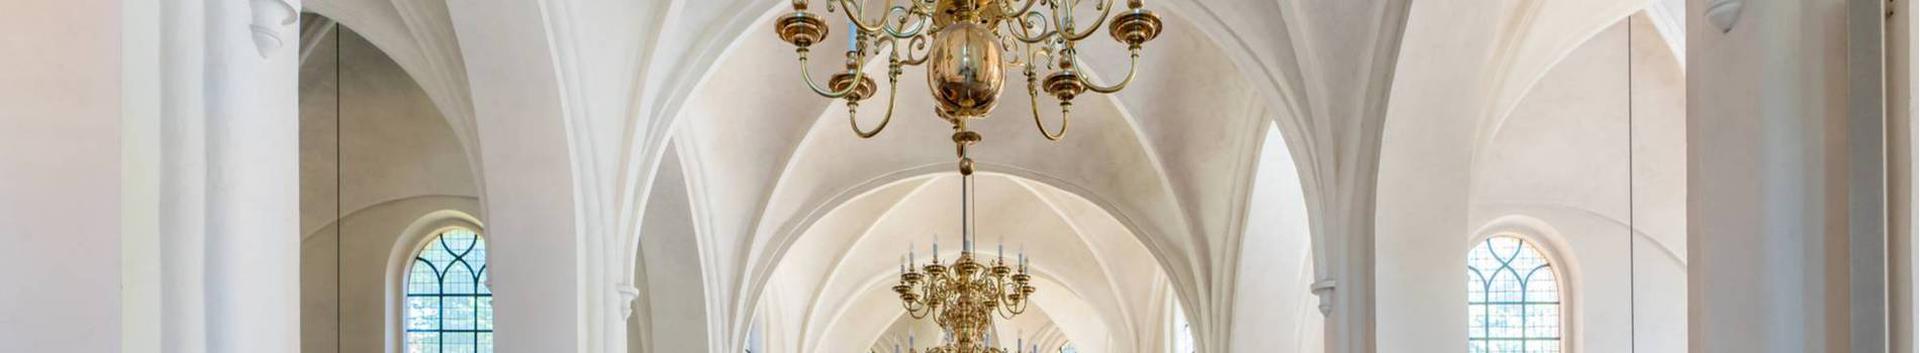 94911_kirikute-klooster-kogudus-tegevus_10612516_xl.jpg